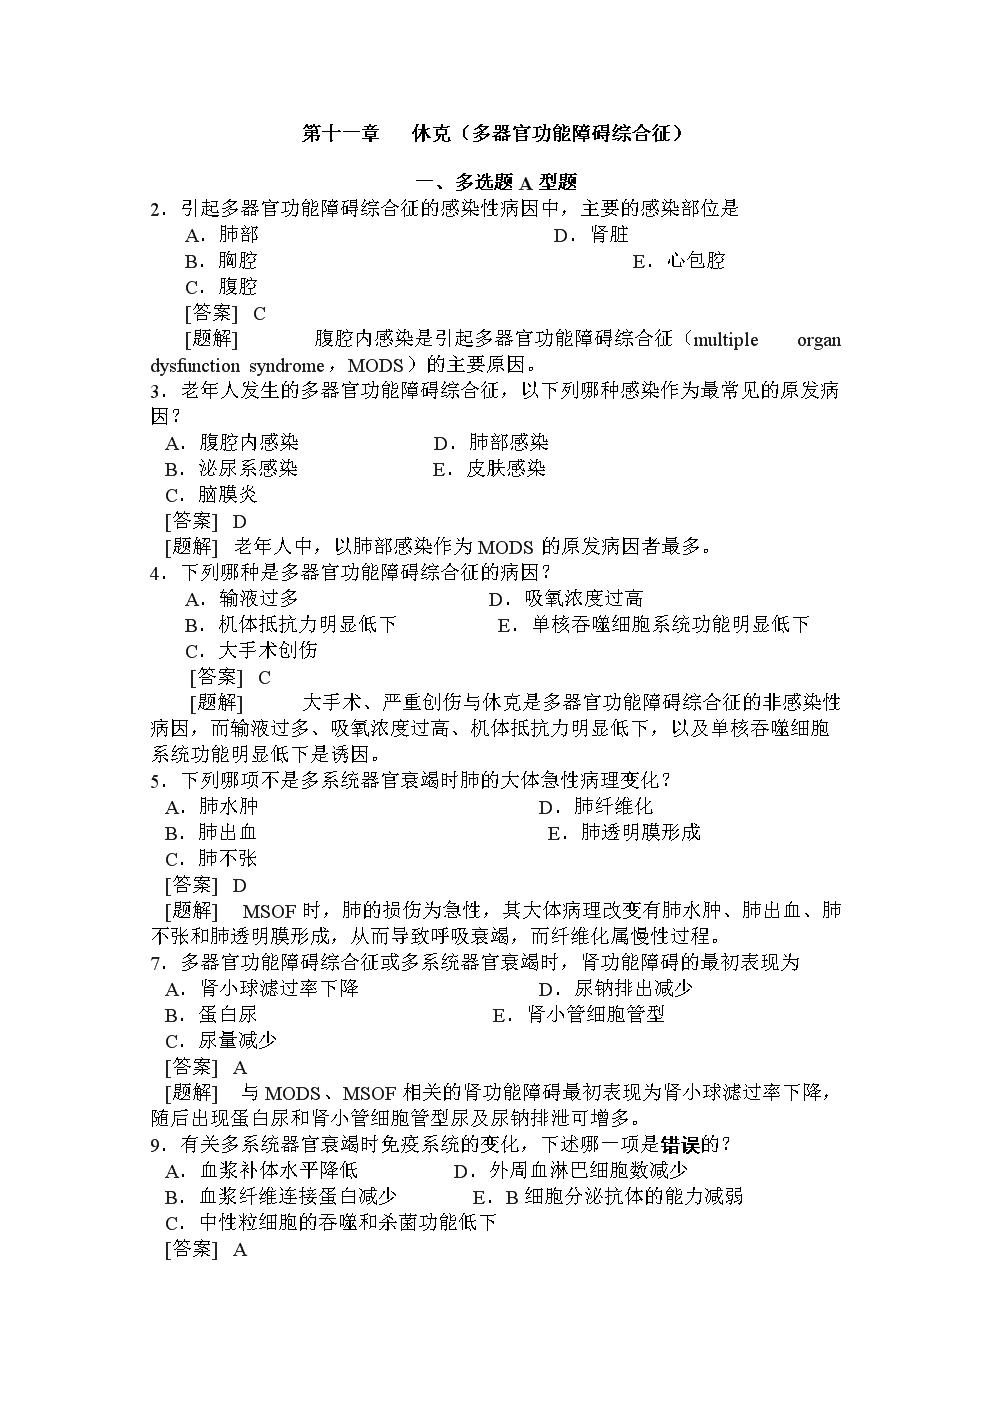 病理生理学题库:第11章 休克(MODS部分).doc